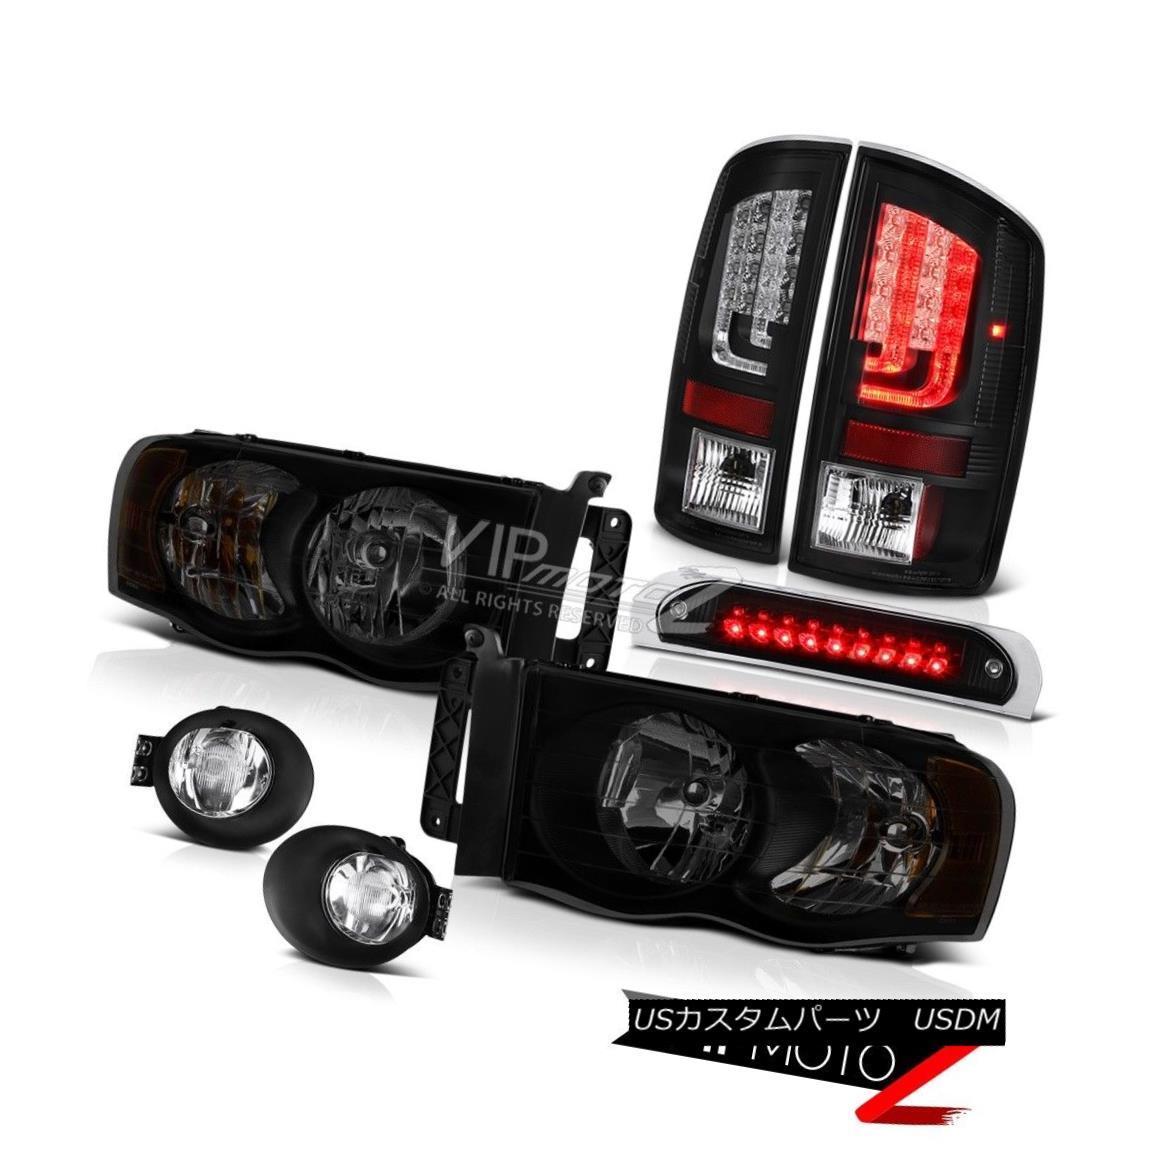 テールライト 02-05 Dodge Ram 2500 3500 5.7L Taillamps Fog Lamps 3RD Brake Light Headlights 02-05 Dodge Ram 2500 3500 5.7Lタイルランプフォグランプ3RDブレーキライトヘッドライト